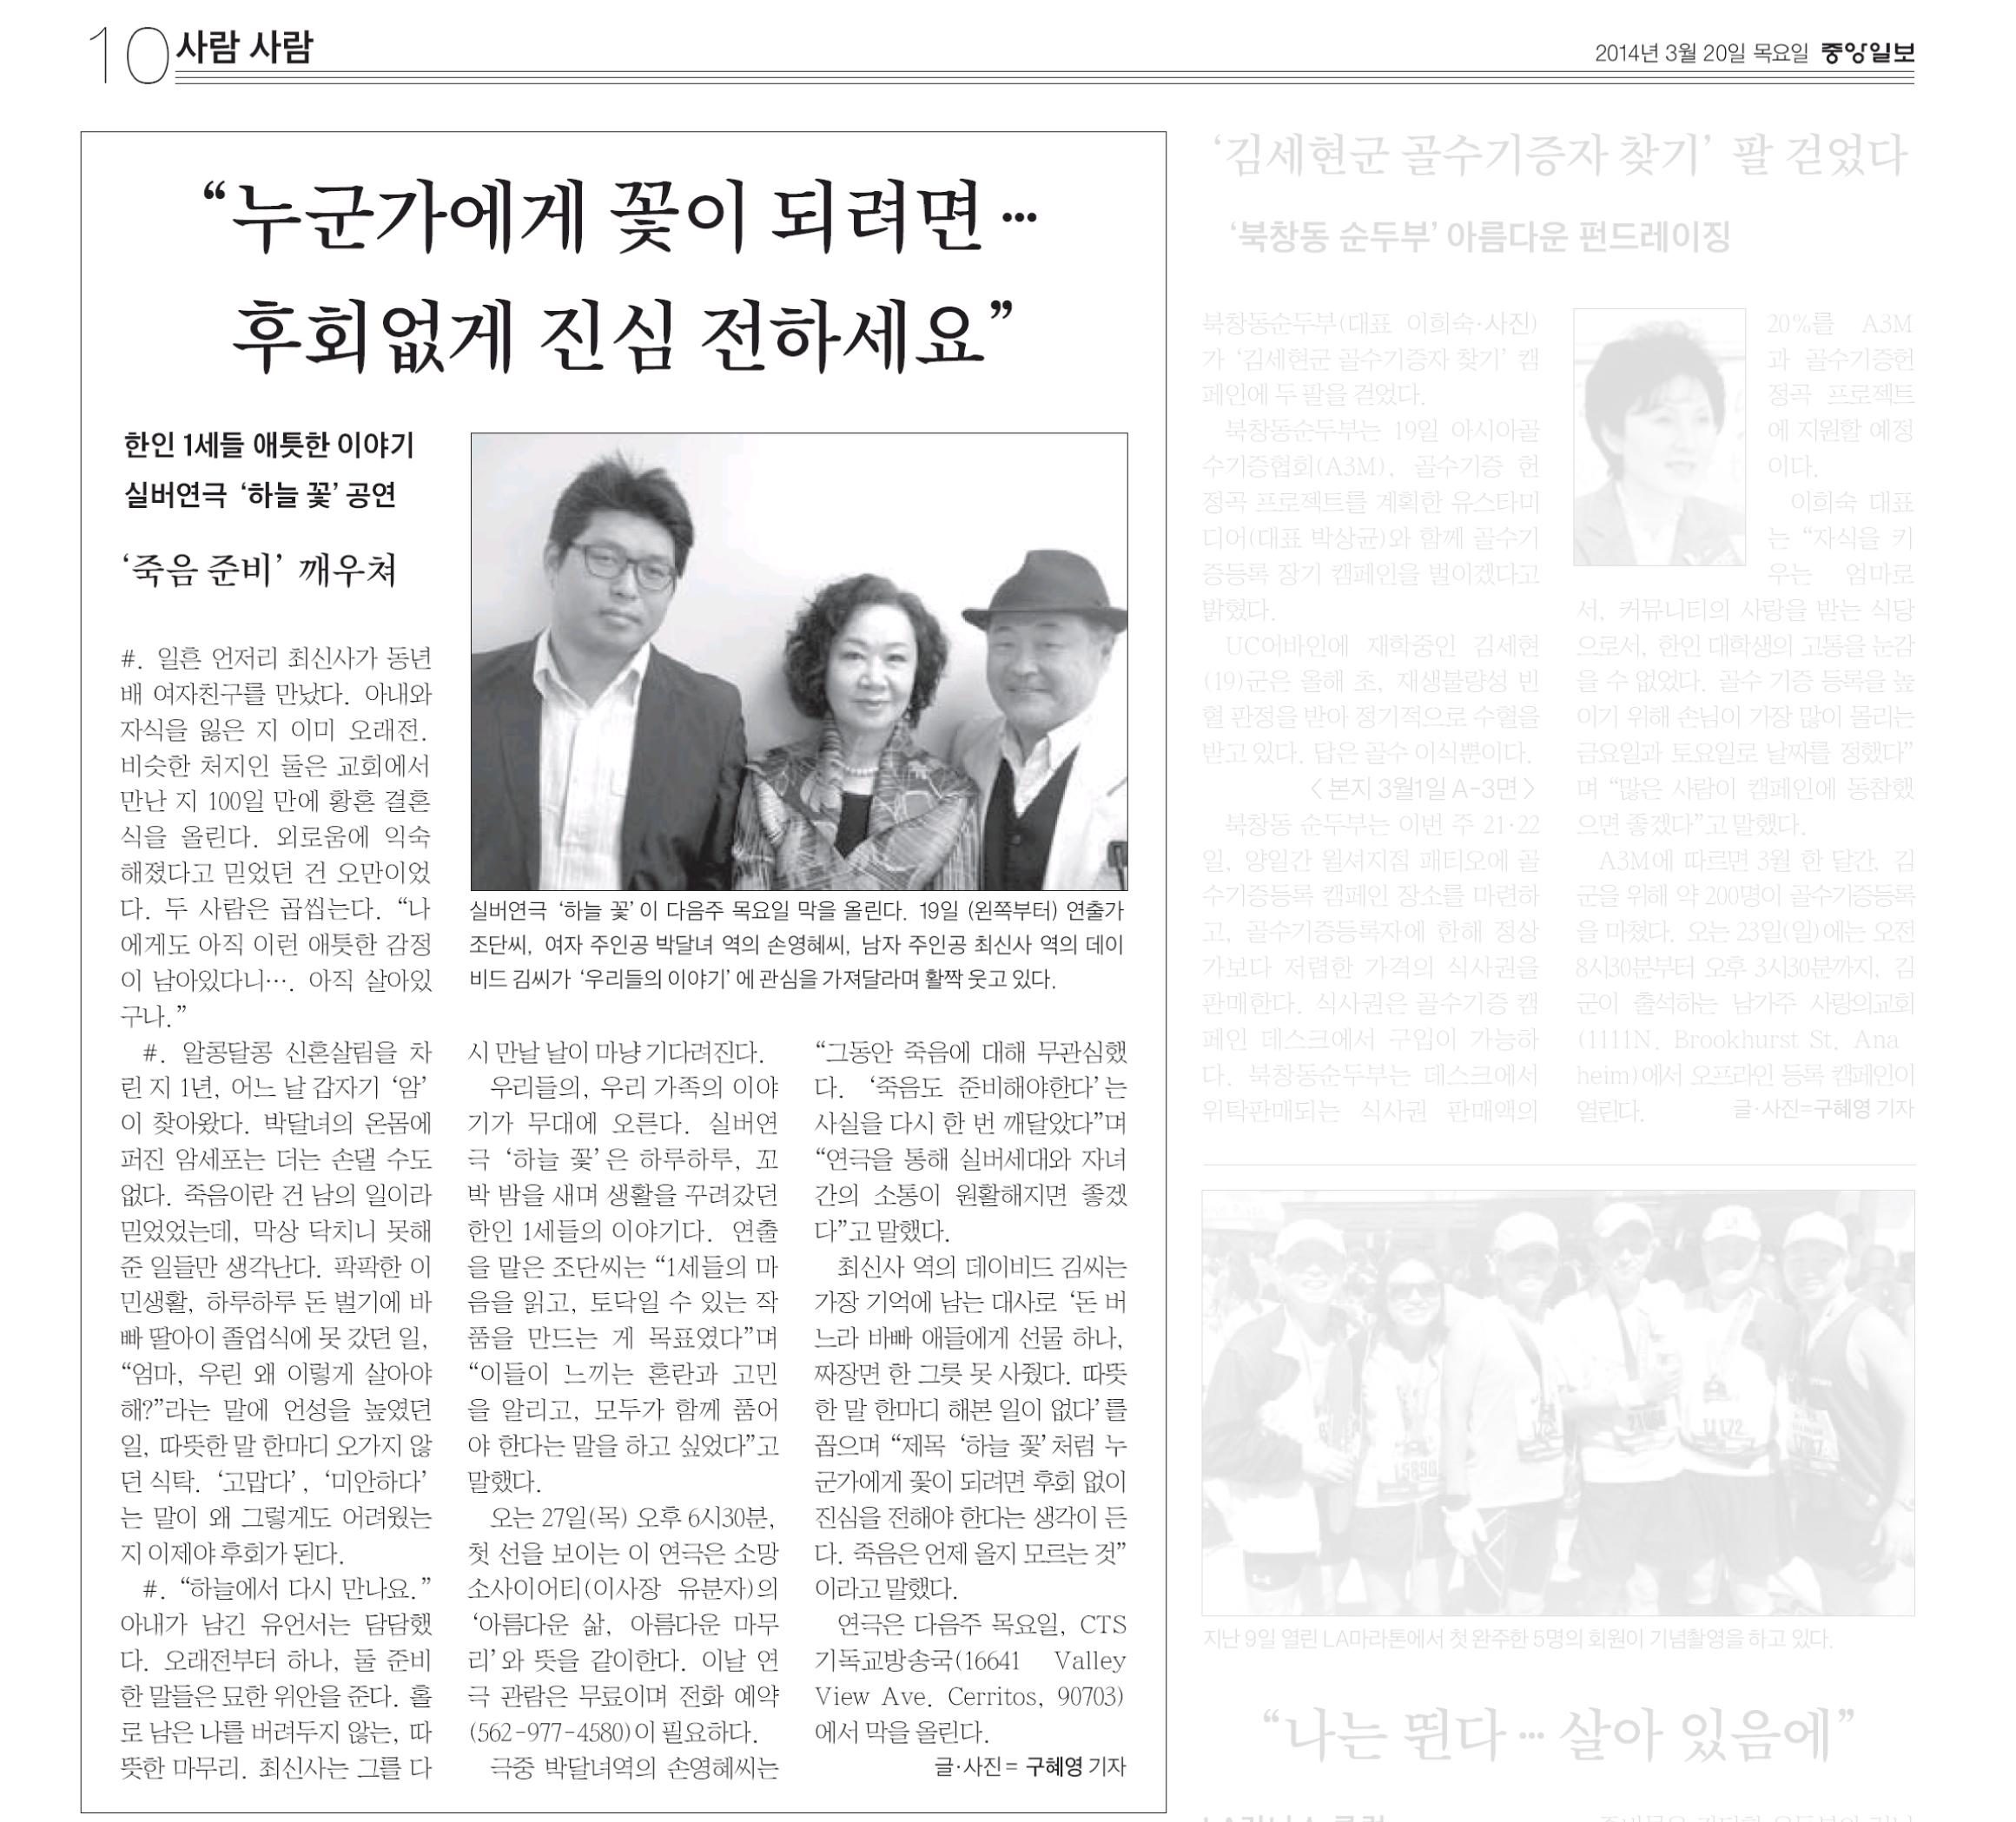 누군가에게 꽃이 되려면… 후회없게 진심 전하세요  2014년 3월 30일 중앙일보